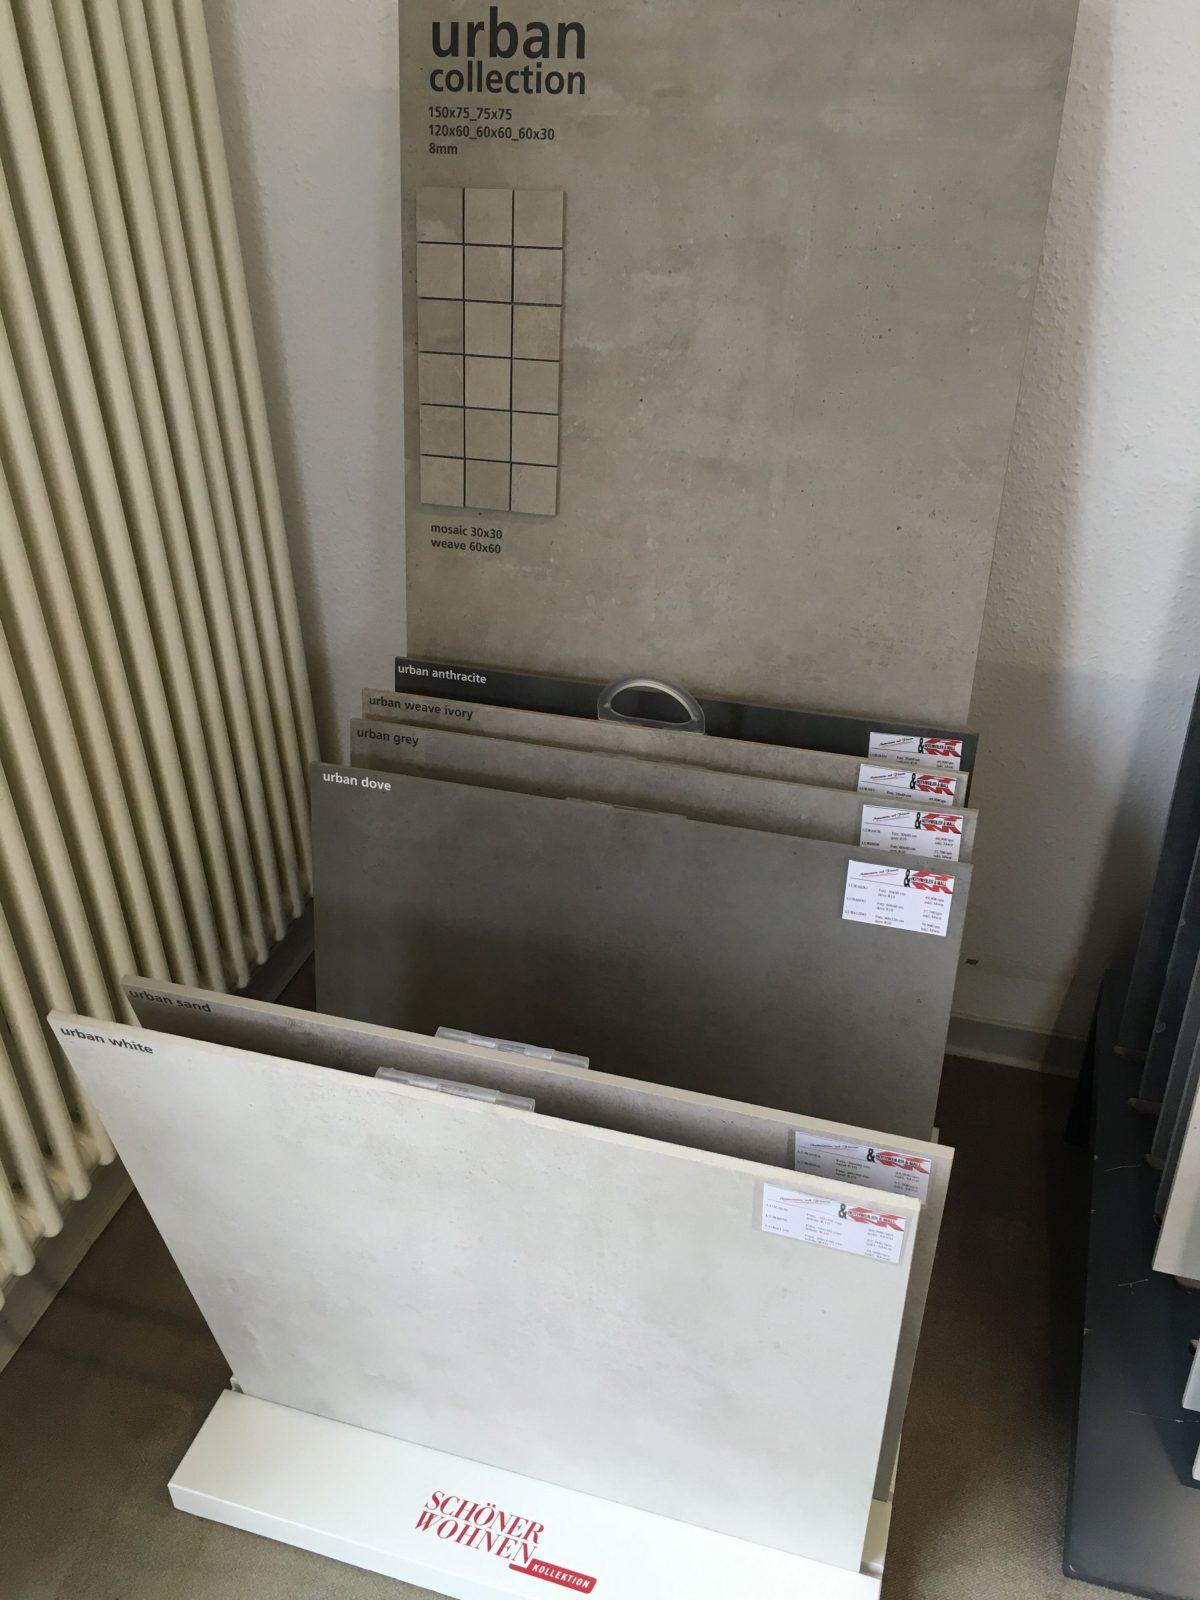 Urban Collection Schöner Wohnen Fliesen  Tiles In 2019  Bathroom von Schöner Wohnen Fliesen Urban Bild